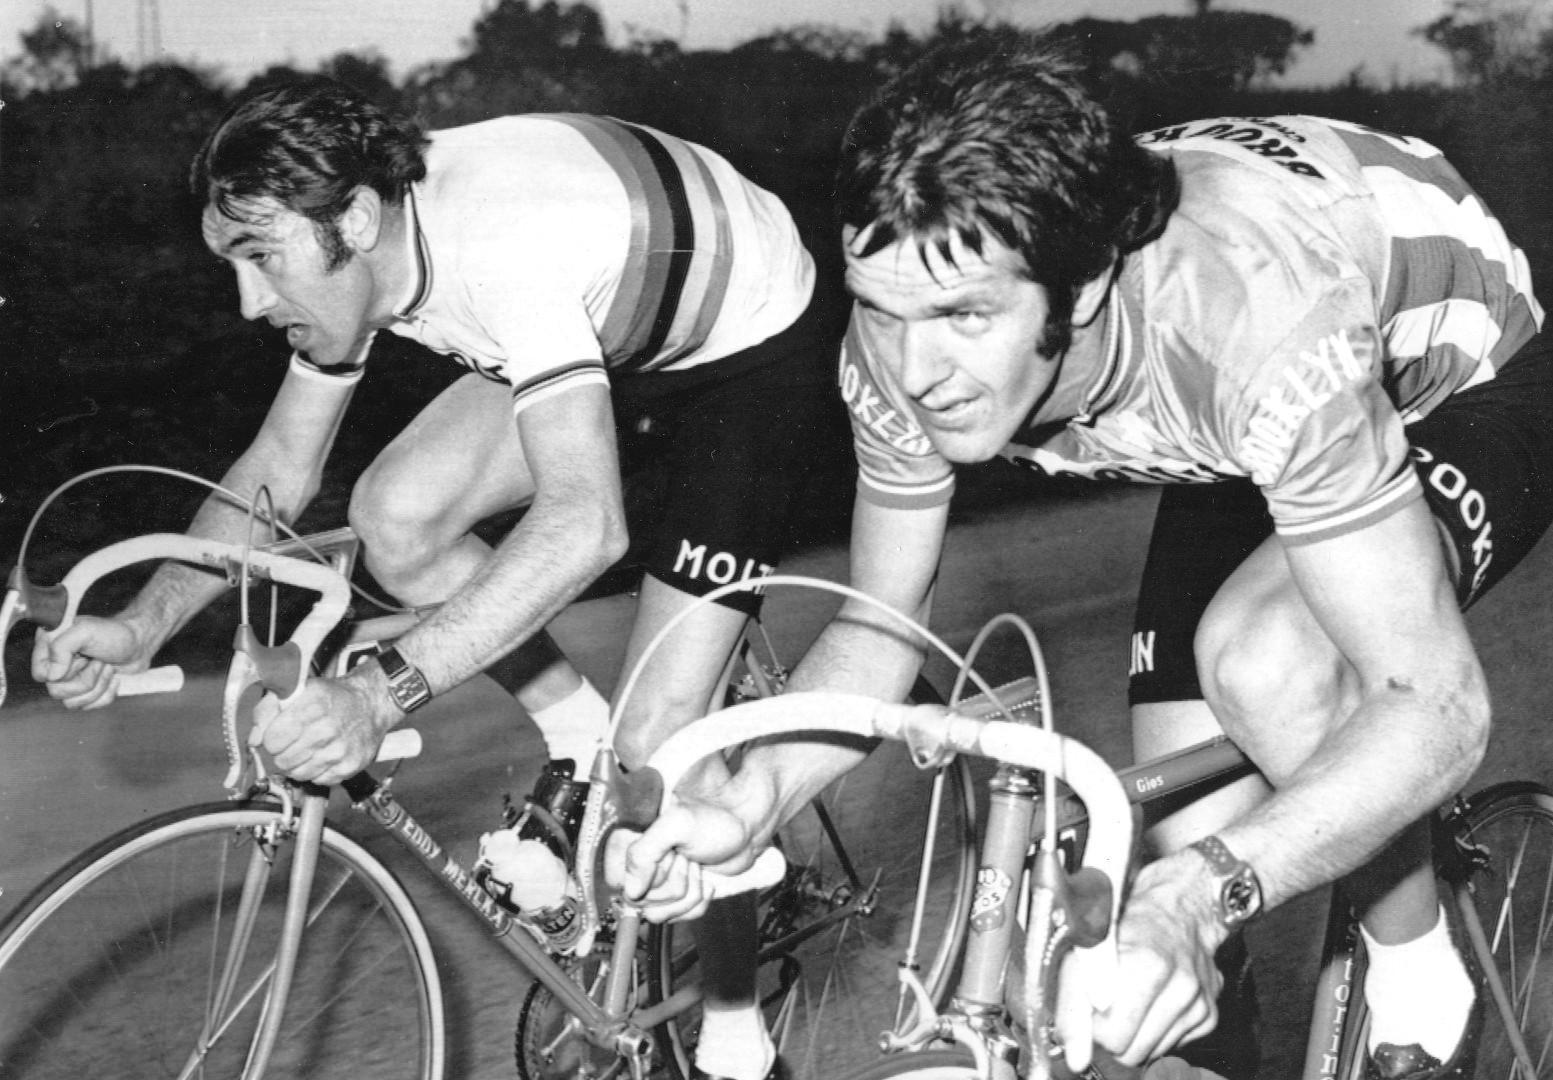 RogerdeVlaeminck és Merckx fej-fej mellett